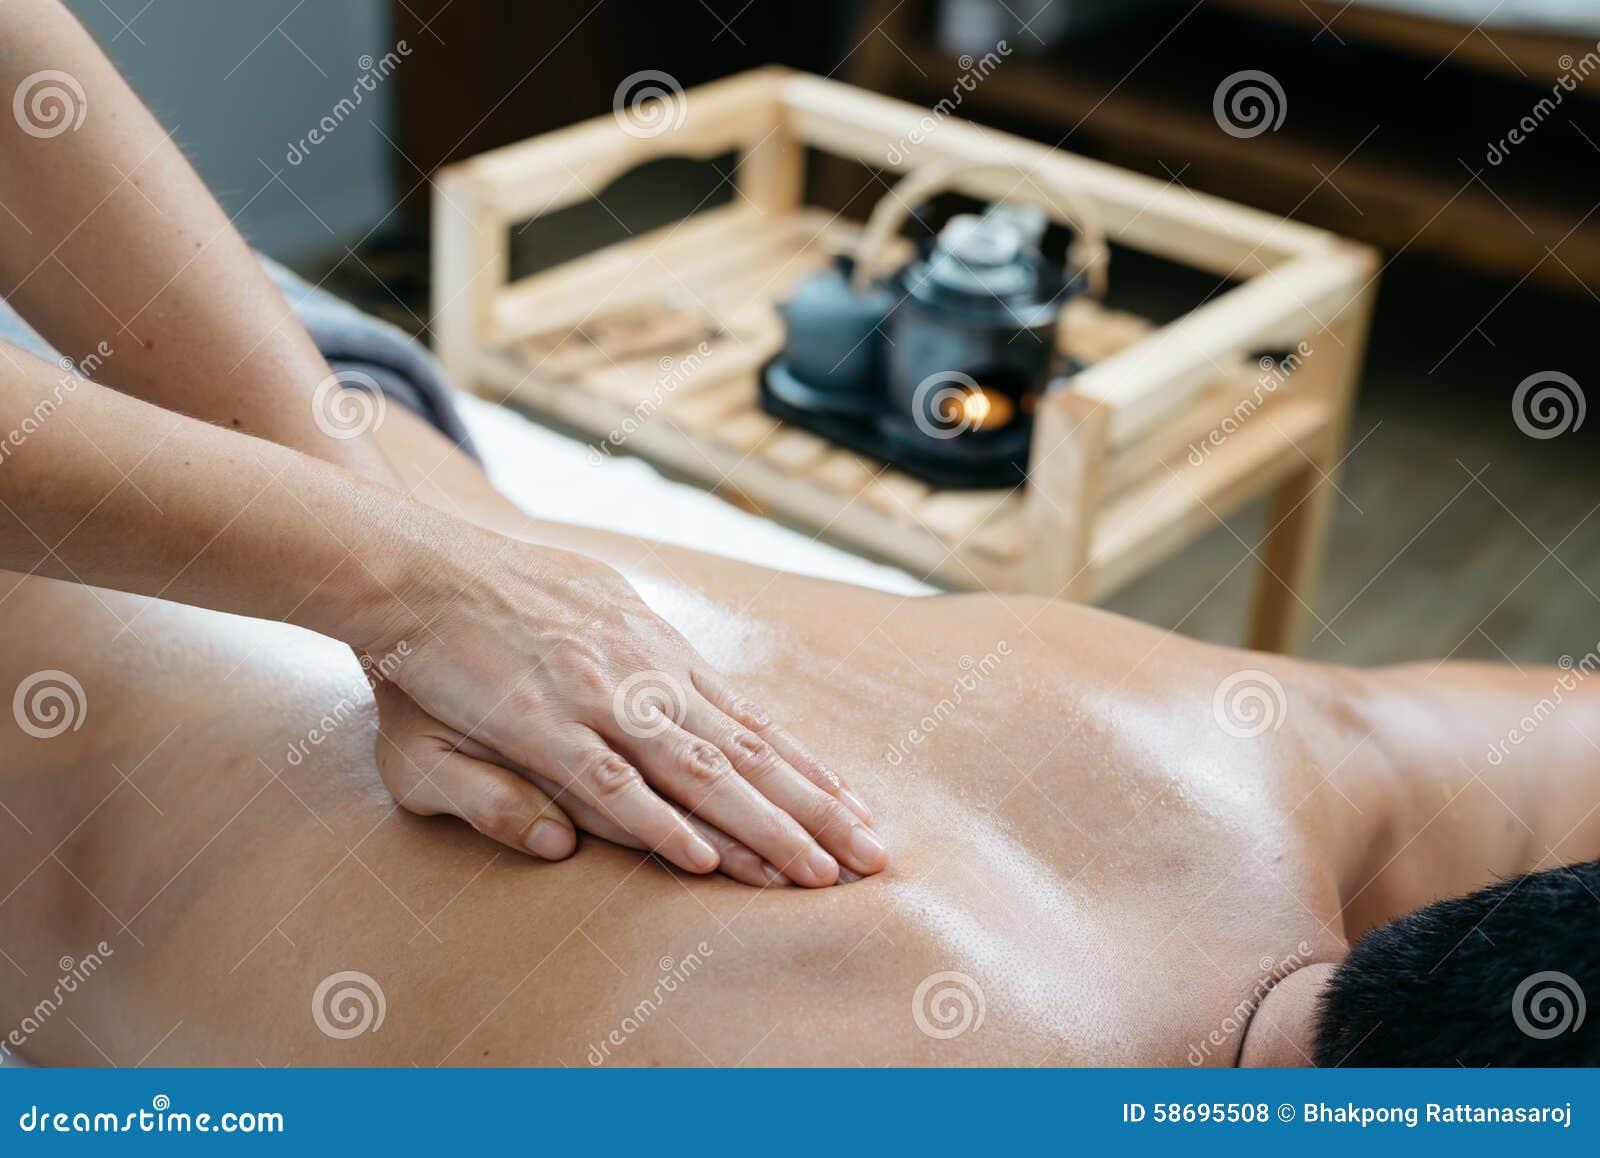 Serie tailandesa del masaje